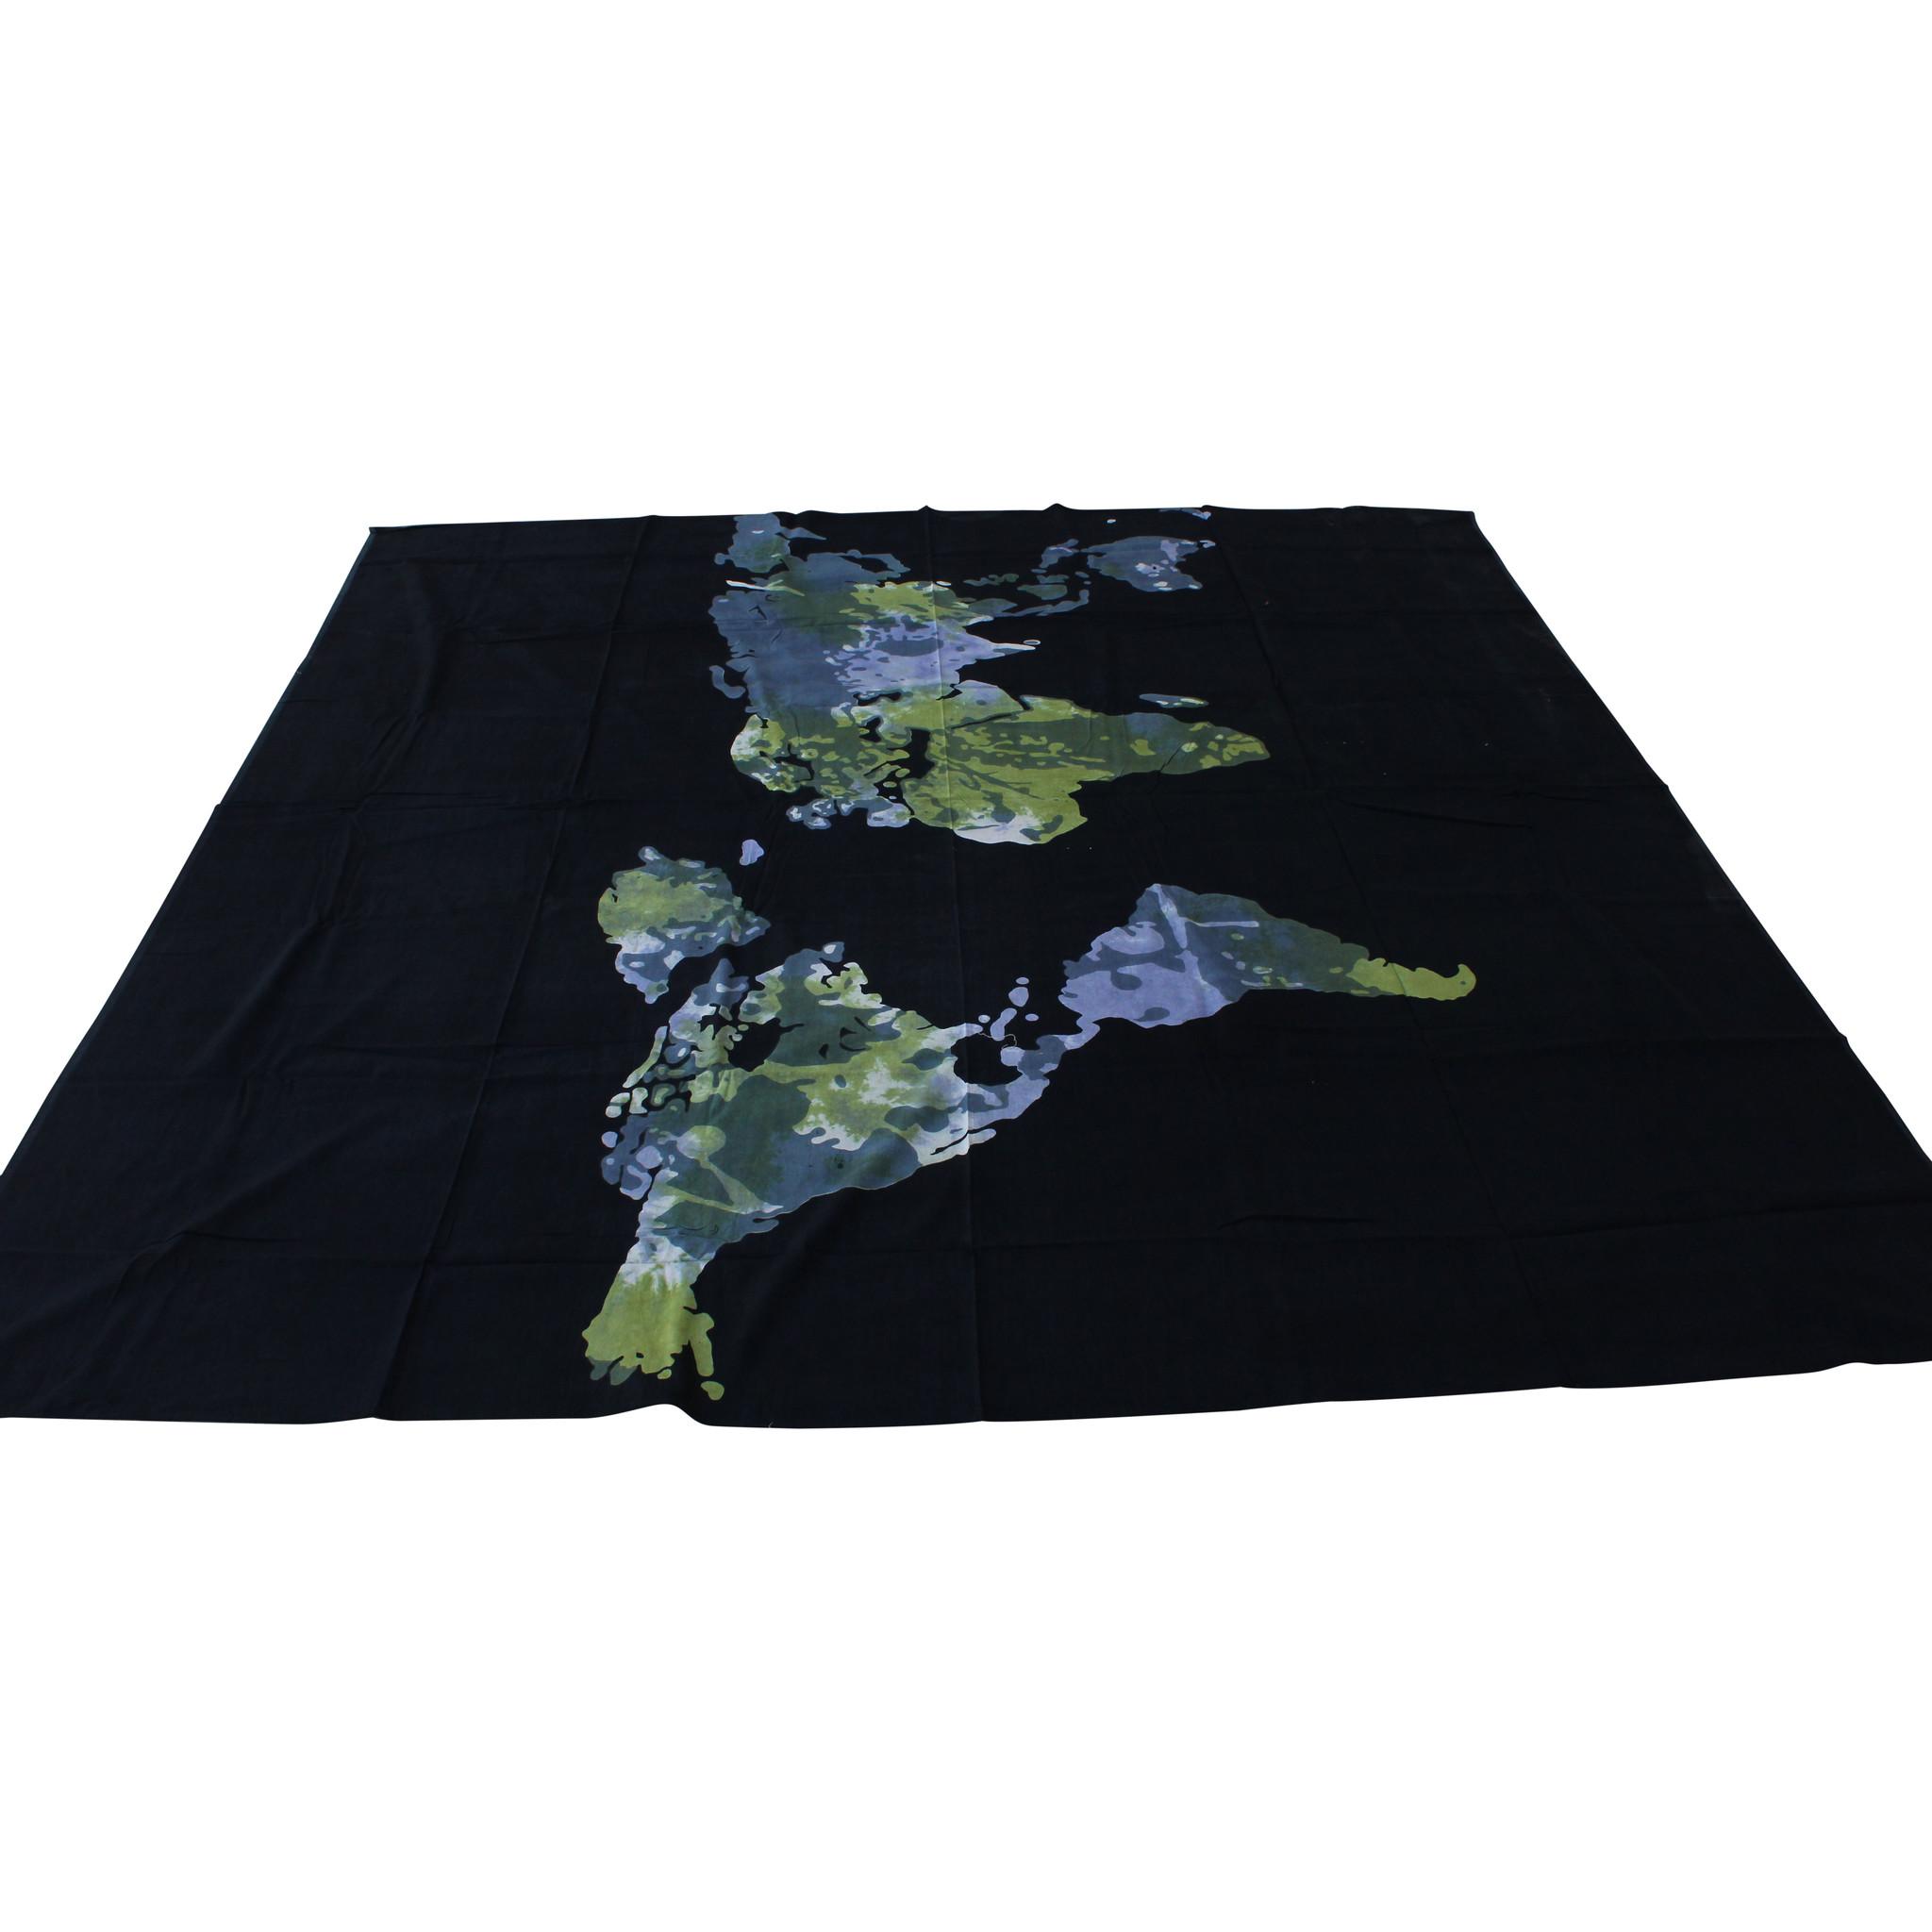 Myroundie Myroundie - roundie - vierkant strandlaken XL – yoga kleed- speelkleed - picknickkleed -100% katoen – Q59